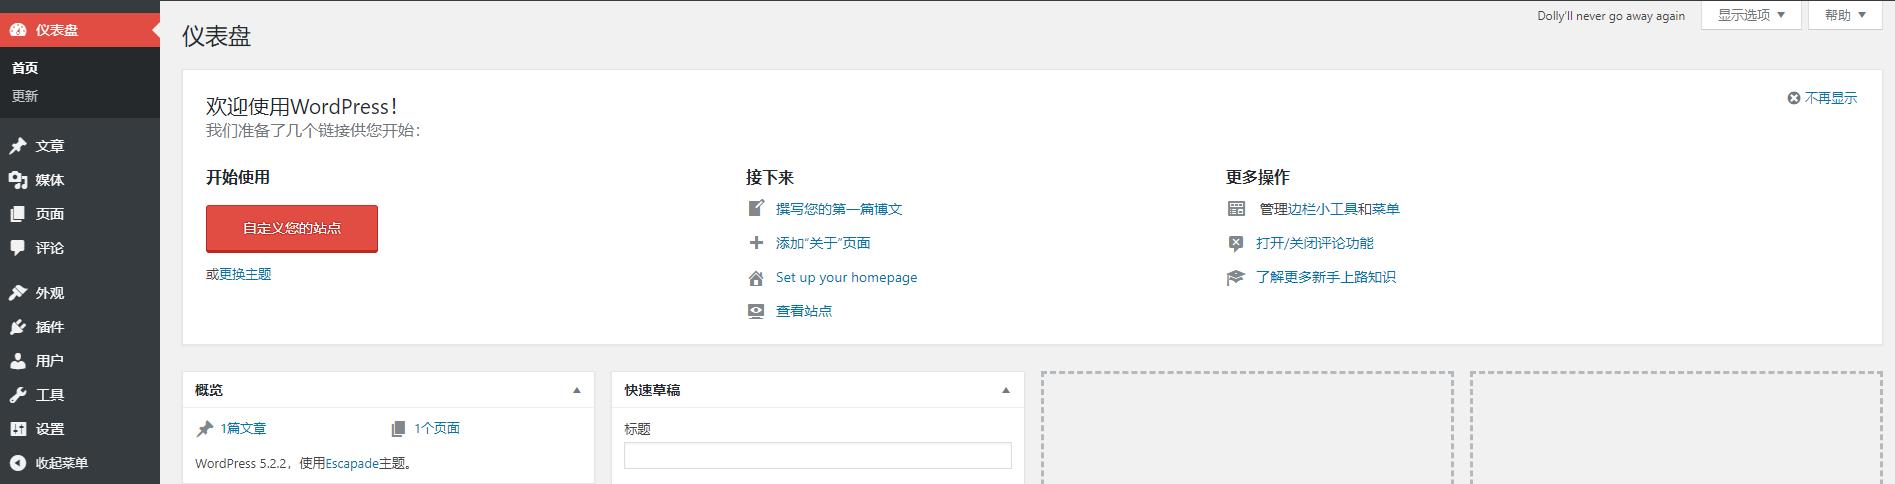 后台管理界面.jpg